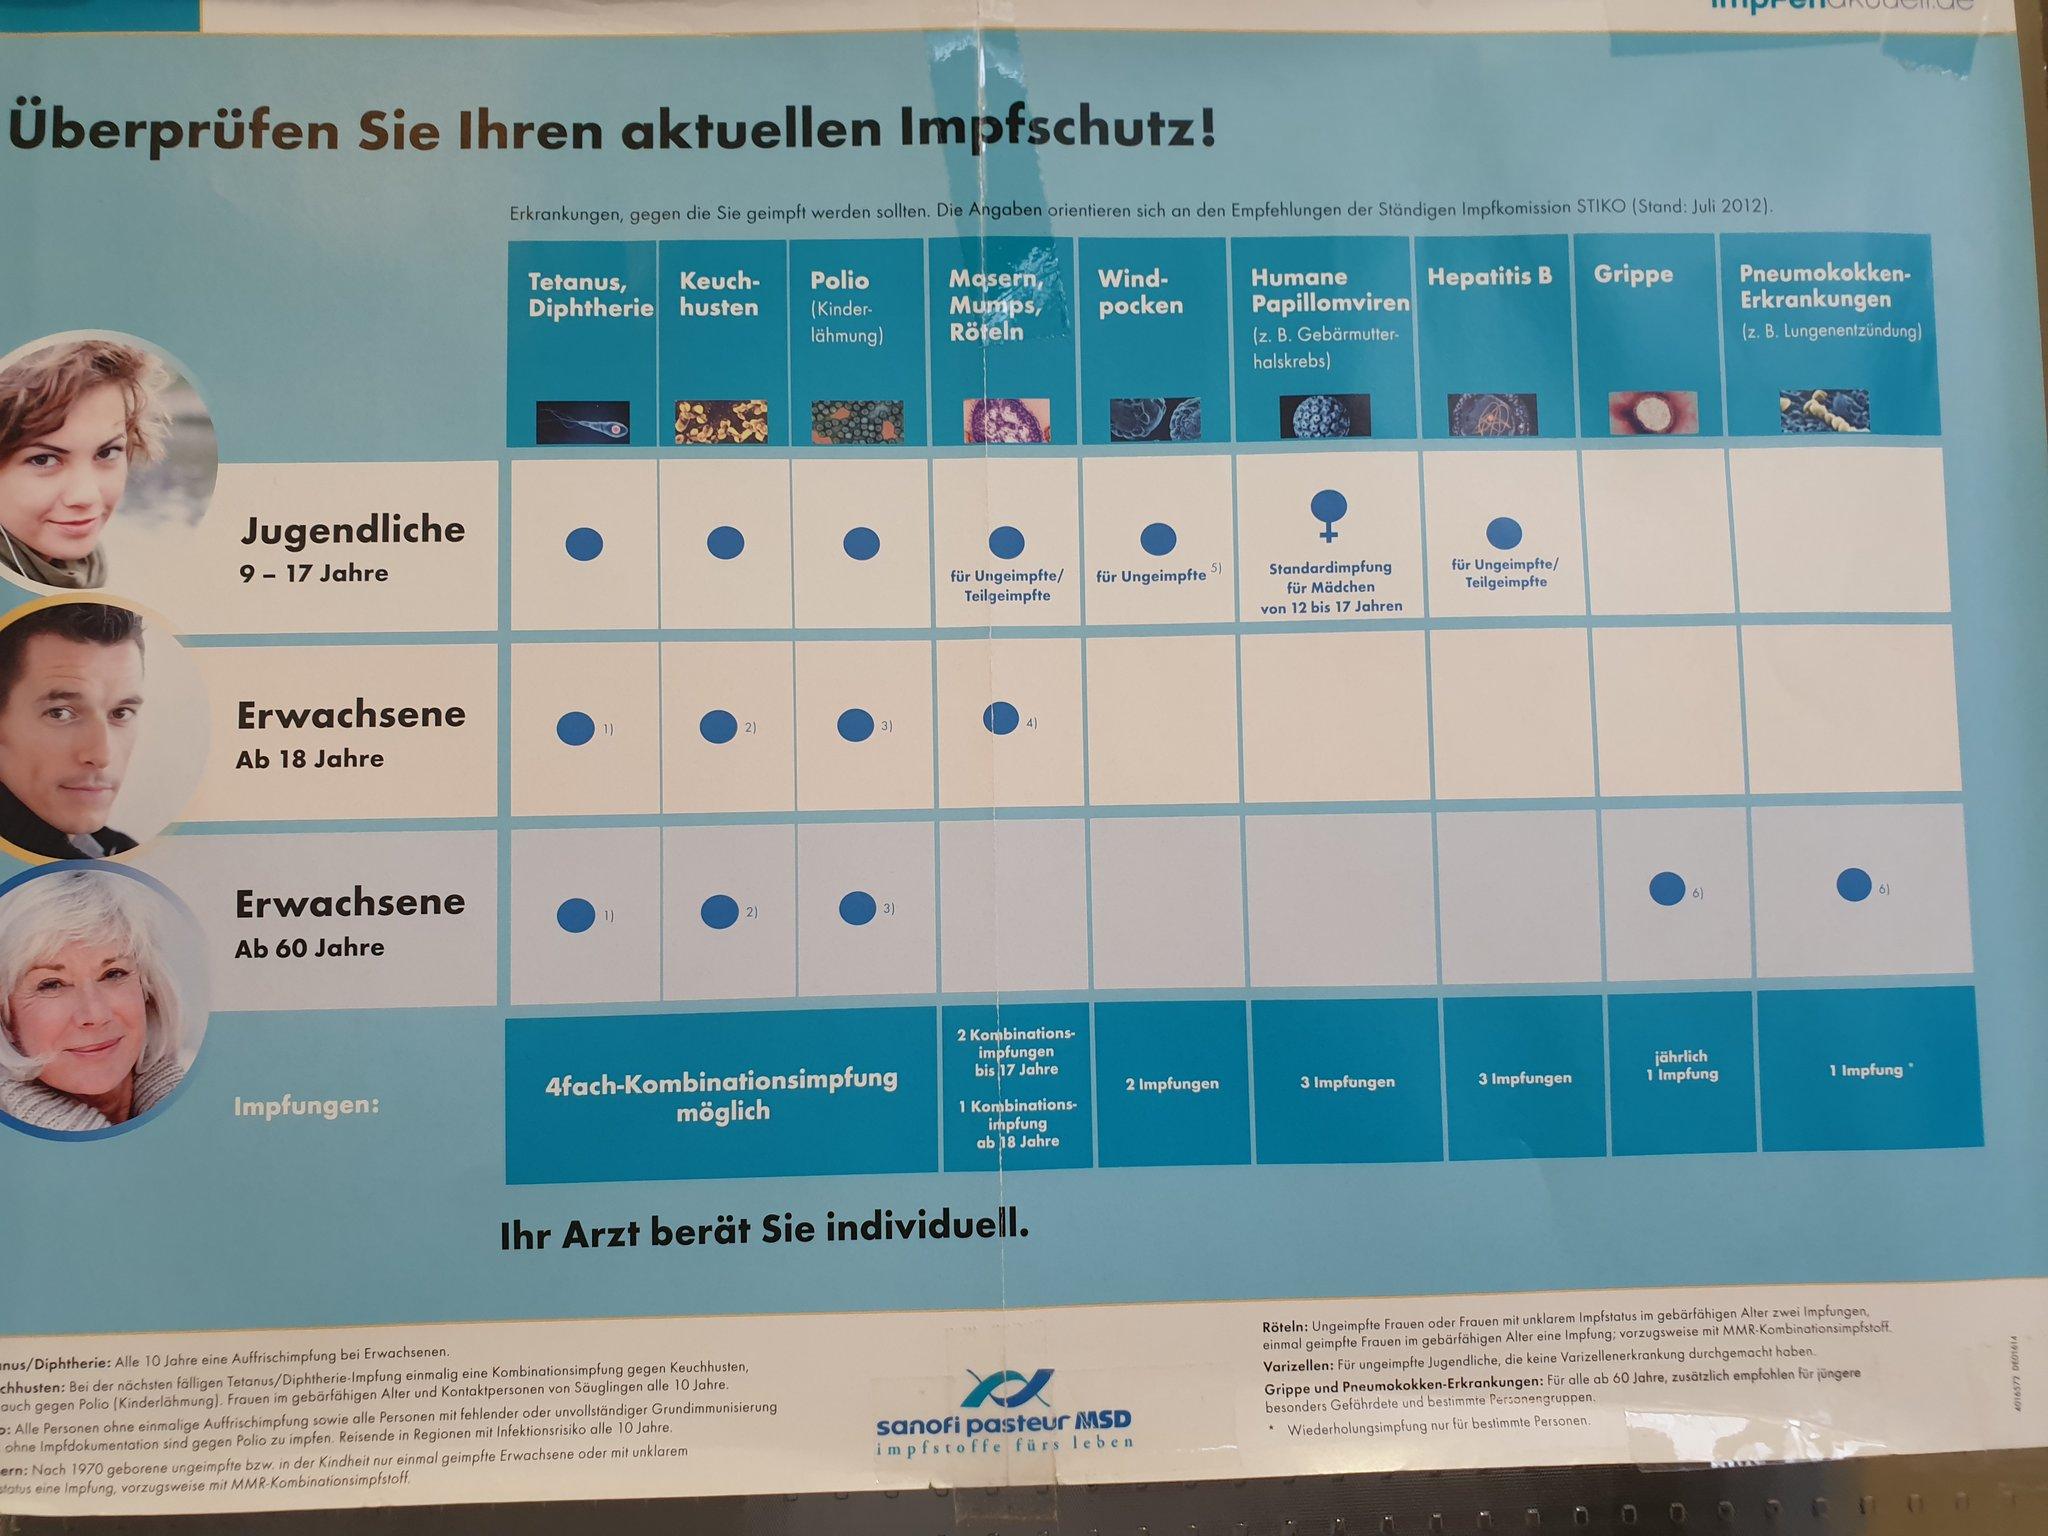 Deutschland Sucht Den Impfpass Coronavirus Warum Gesundheitsminister Jens Spahn Die Pneumokokken Impfung Empfiehlt Bochum